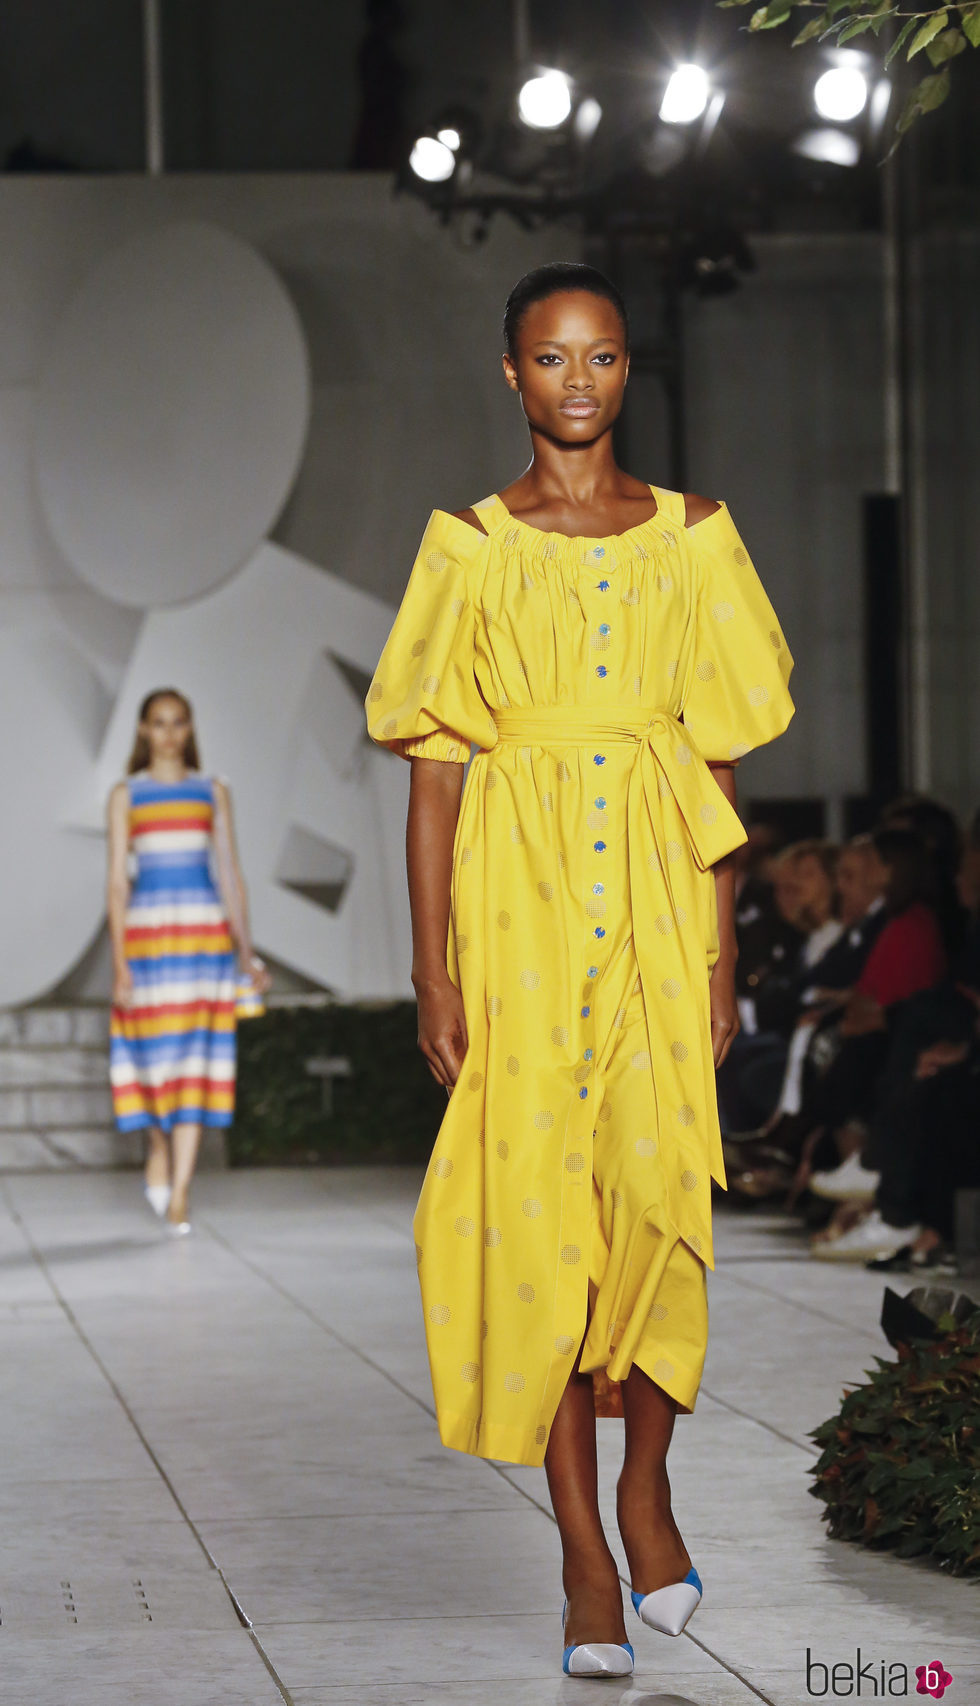 b55d3de0530fc Anterior Vestido amarillo de Carolina Herrera primavera verano 2018 en la New  York Fashion Week